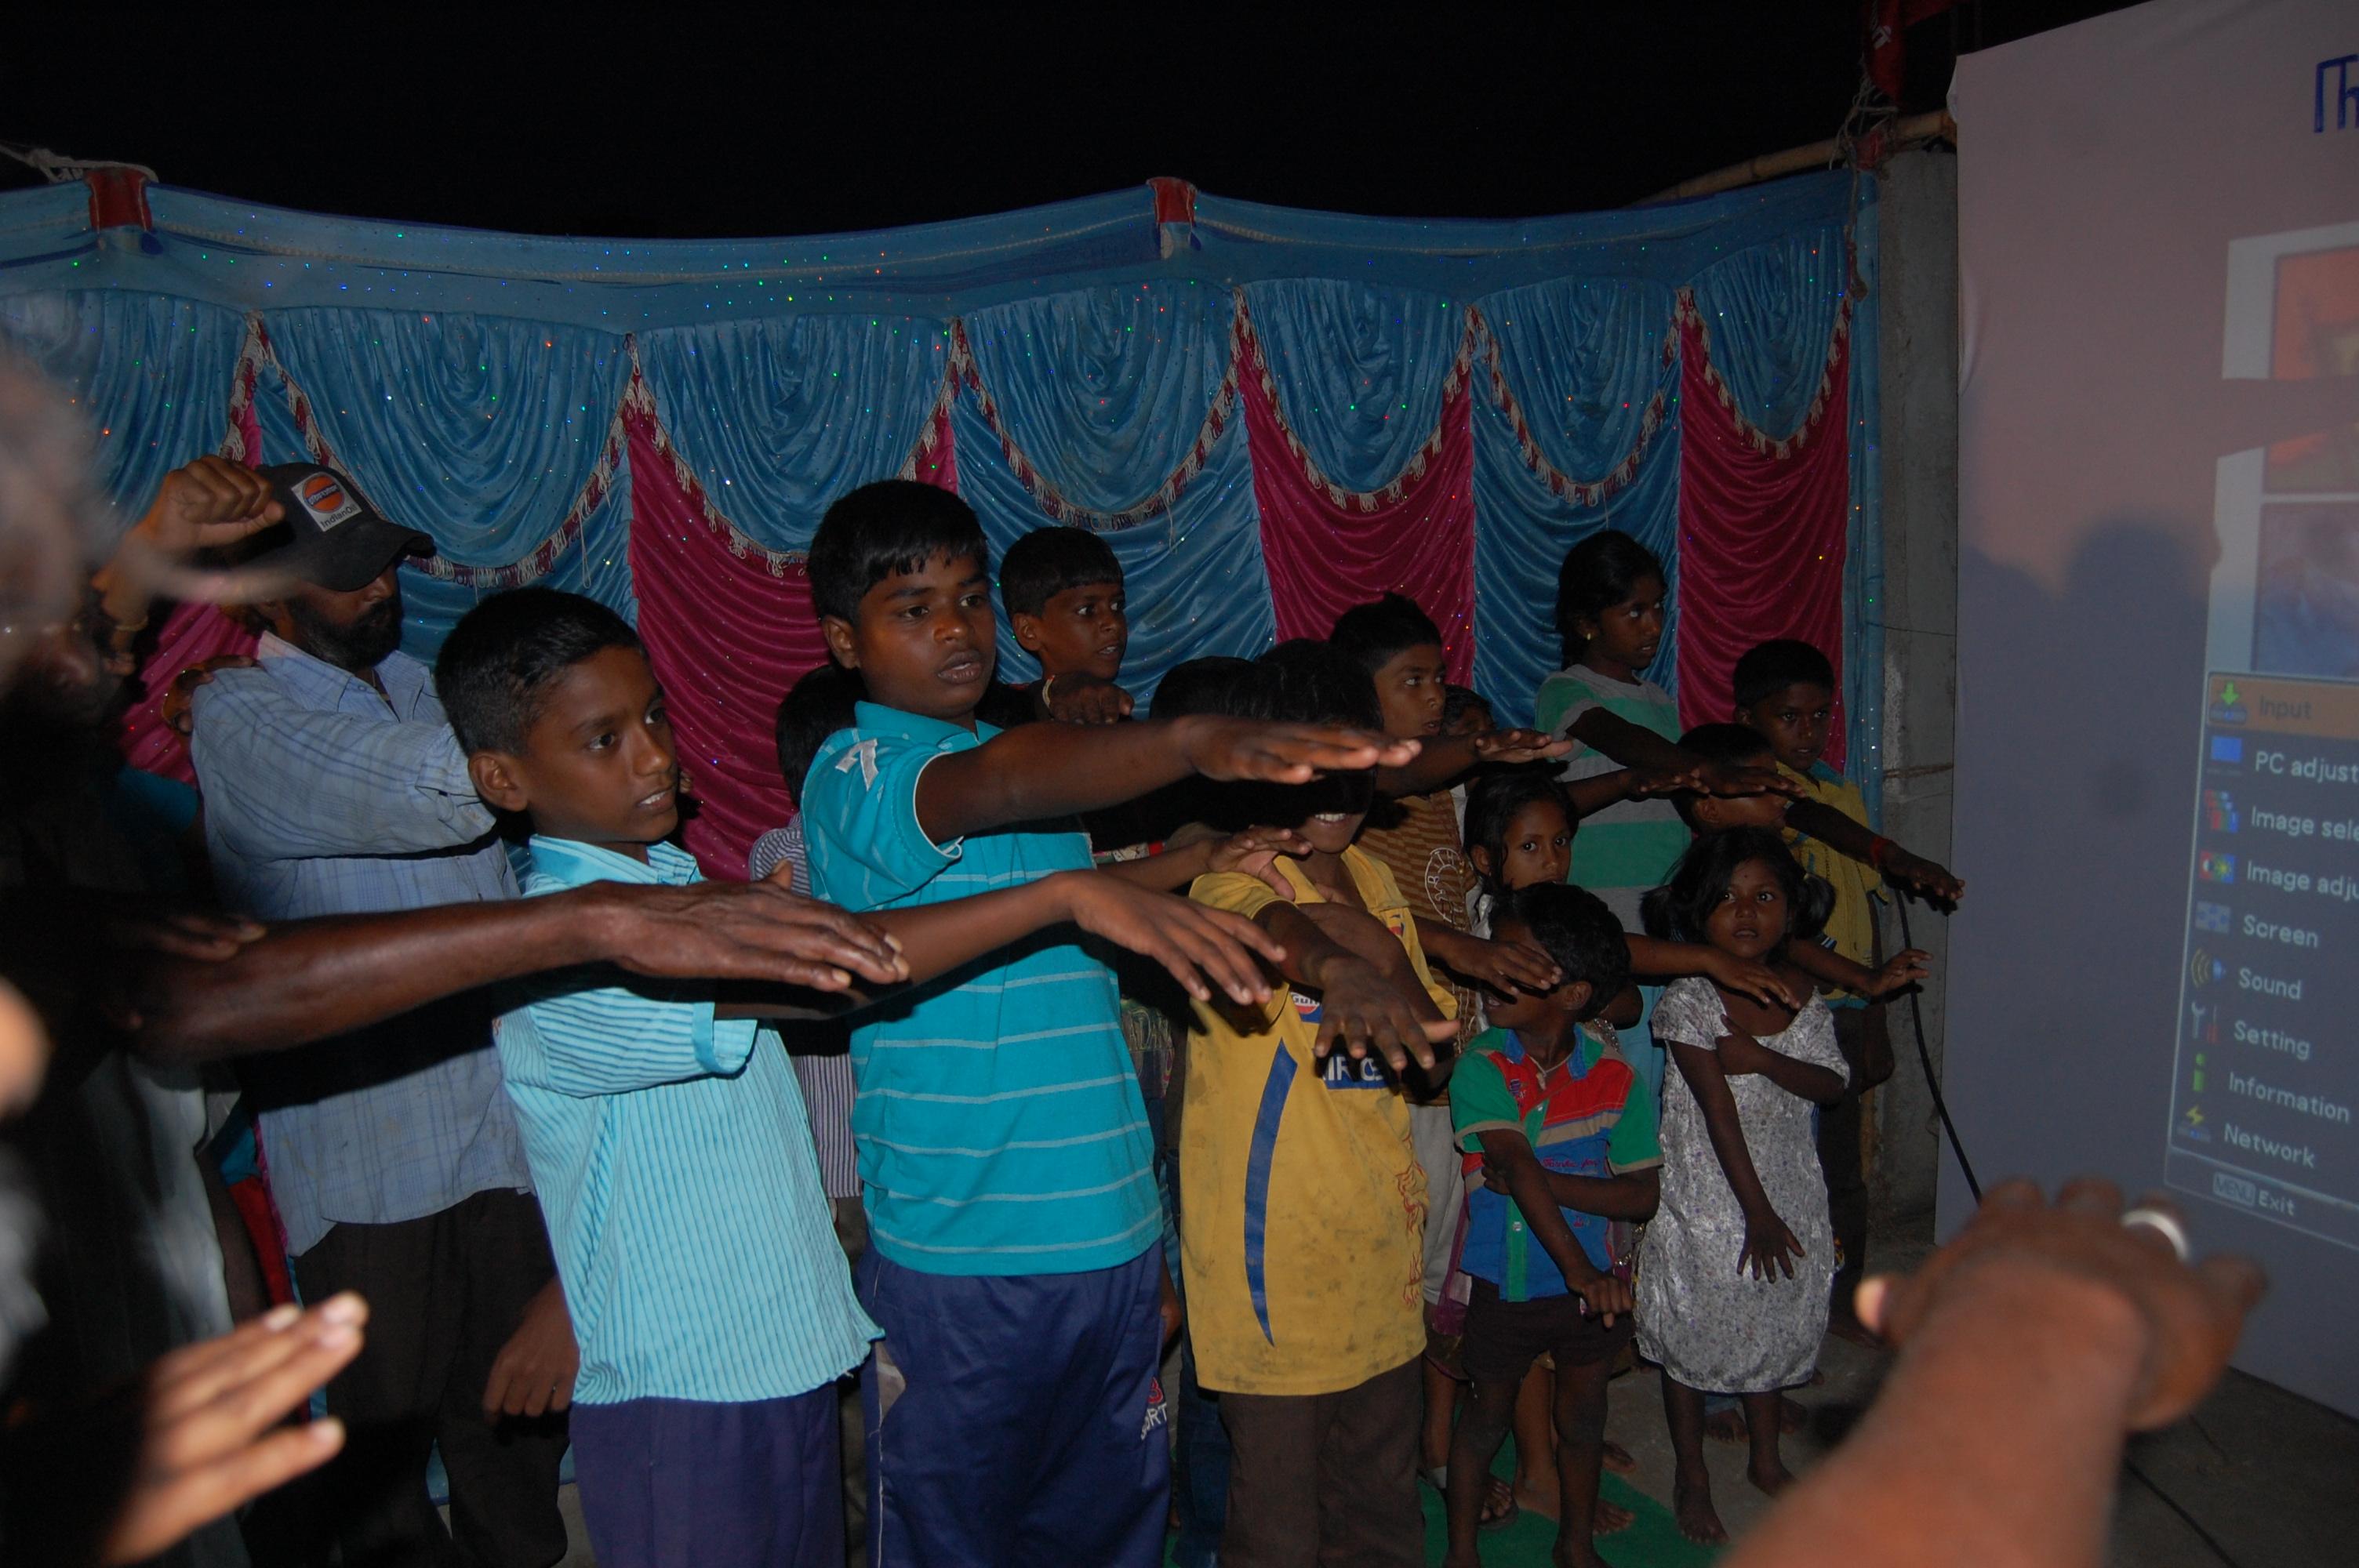 பெங்களூரில் நாம் தமிழர் கட்சி கலந்தாய்வு DSC 5019